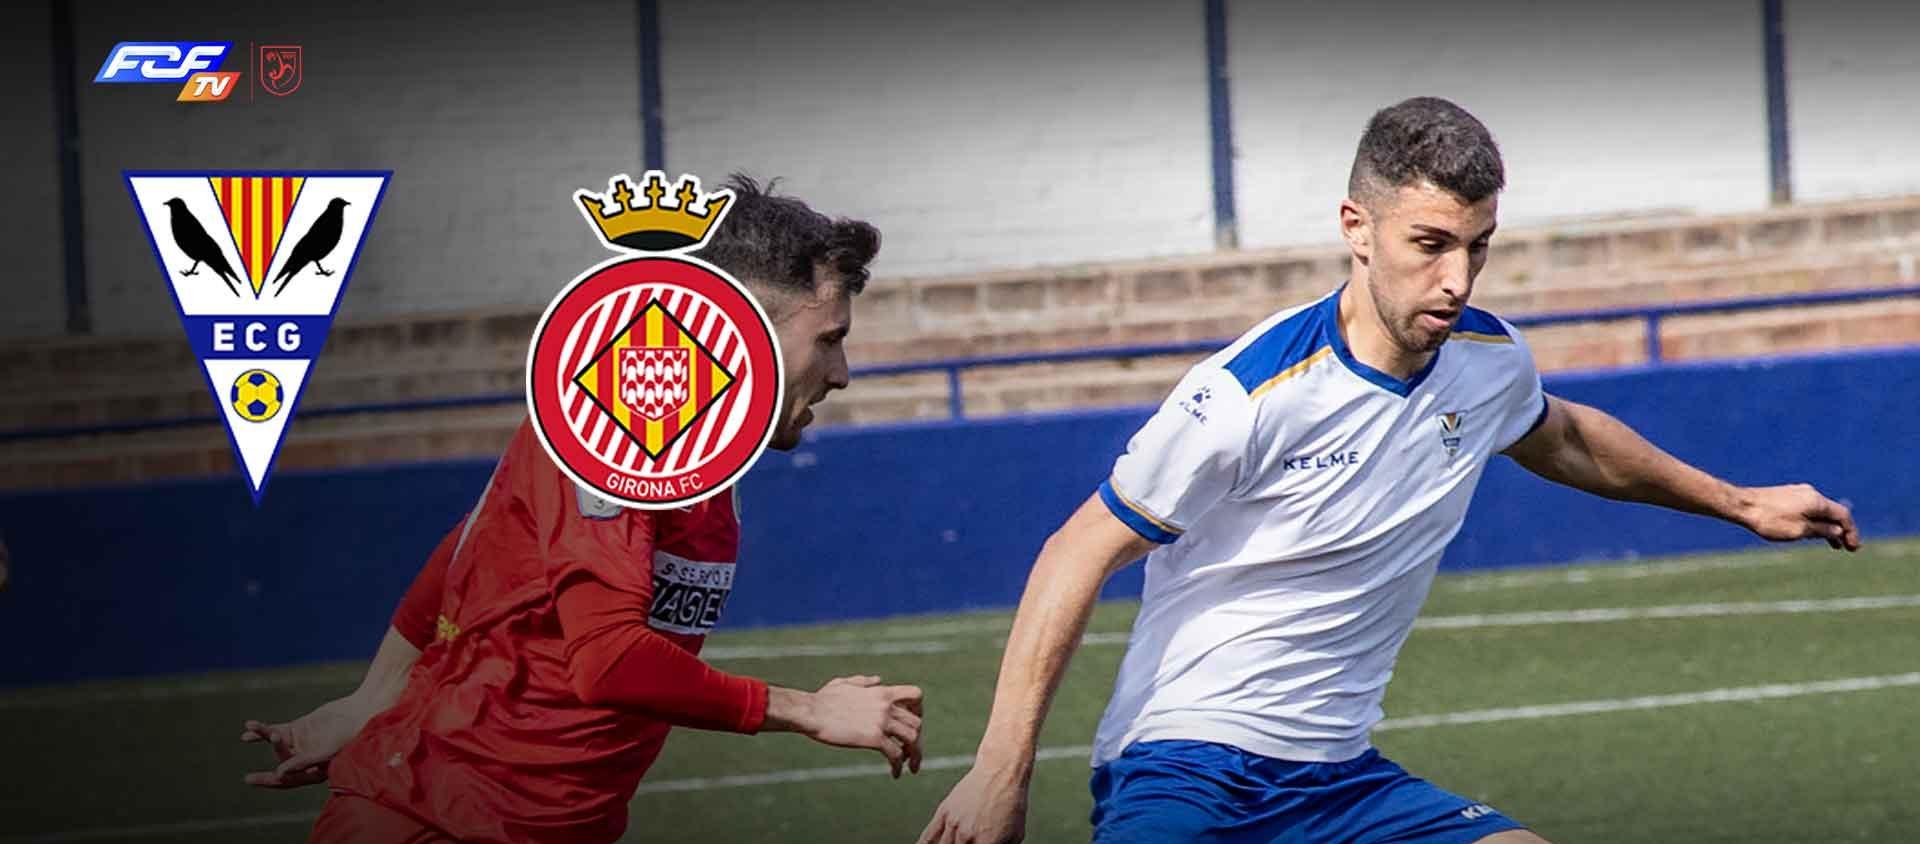 L'FCF TV retransmetrà el partit Juvenil EC Granollers contra el Girona FC